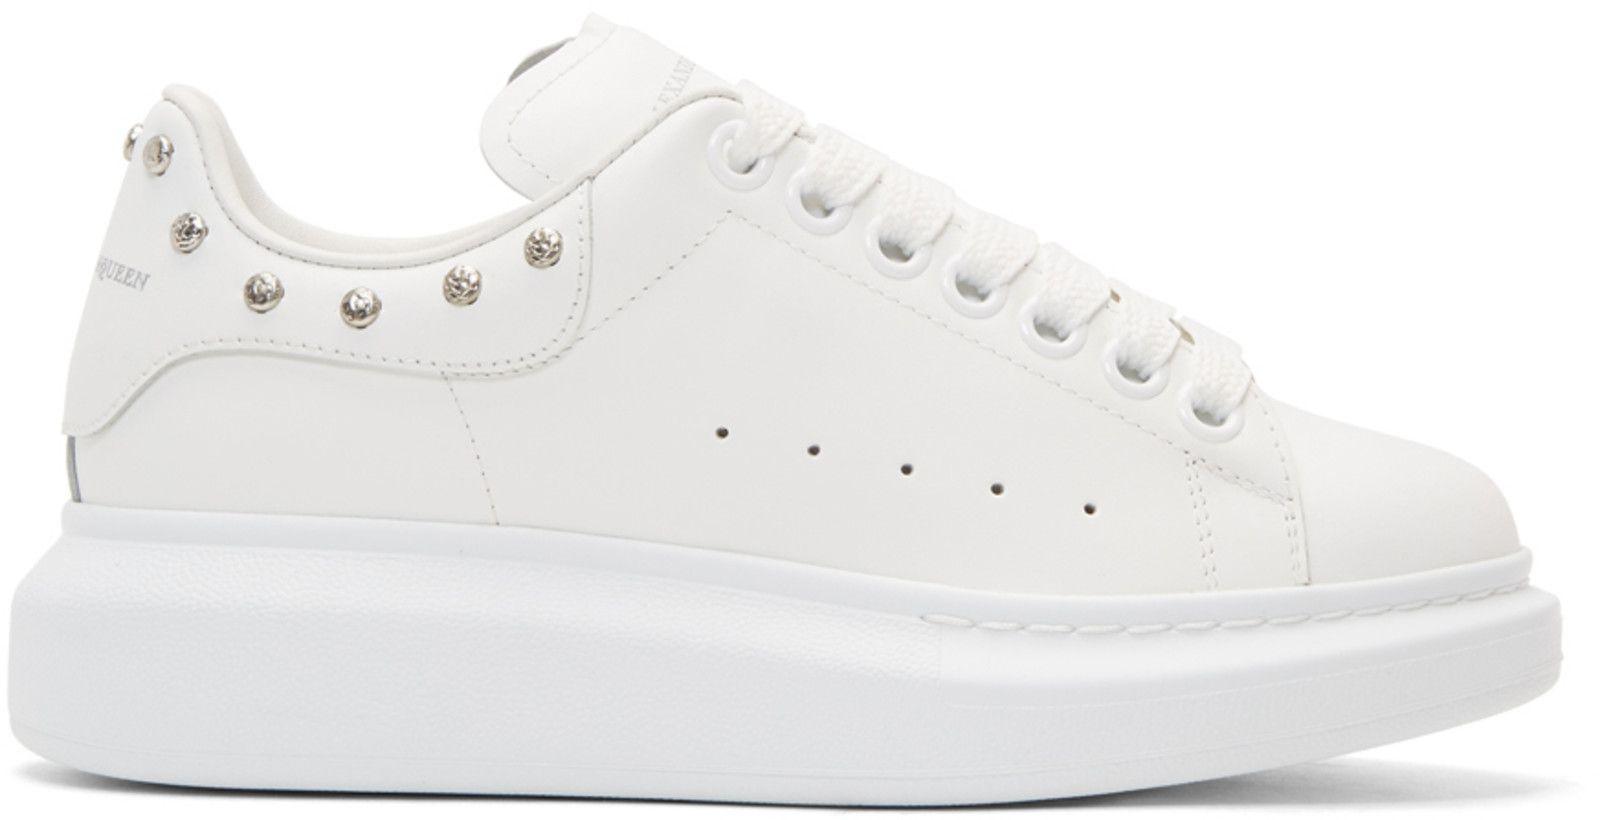 White Studded Oversized Sneakers Alexander McQueen Cheap Sale Order tVzbJ